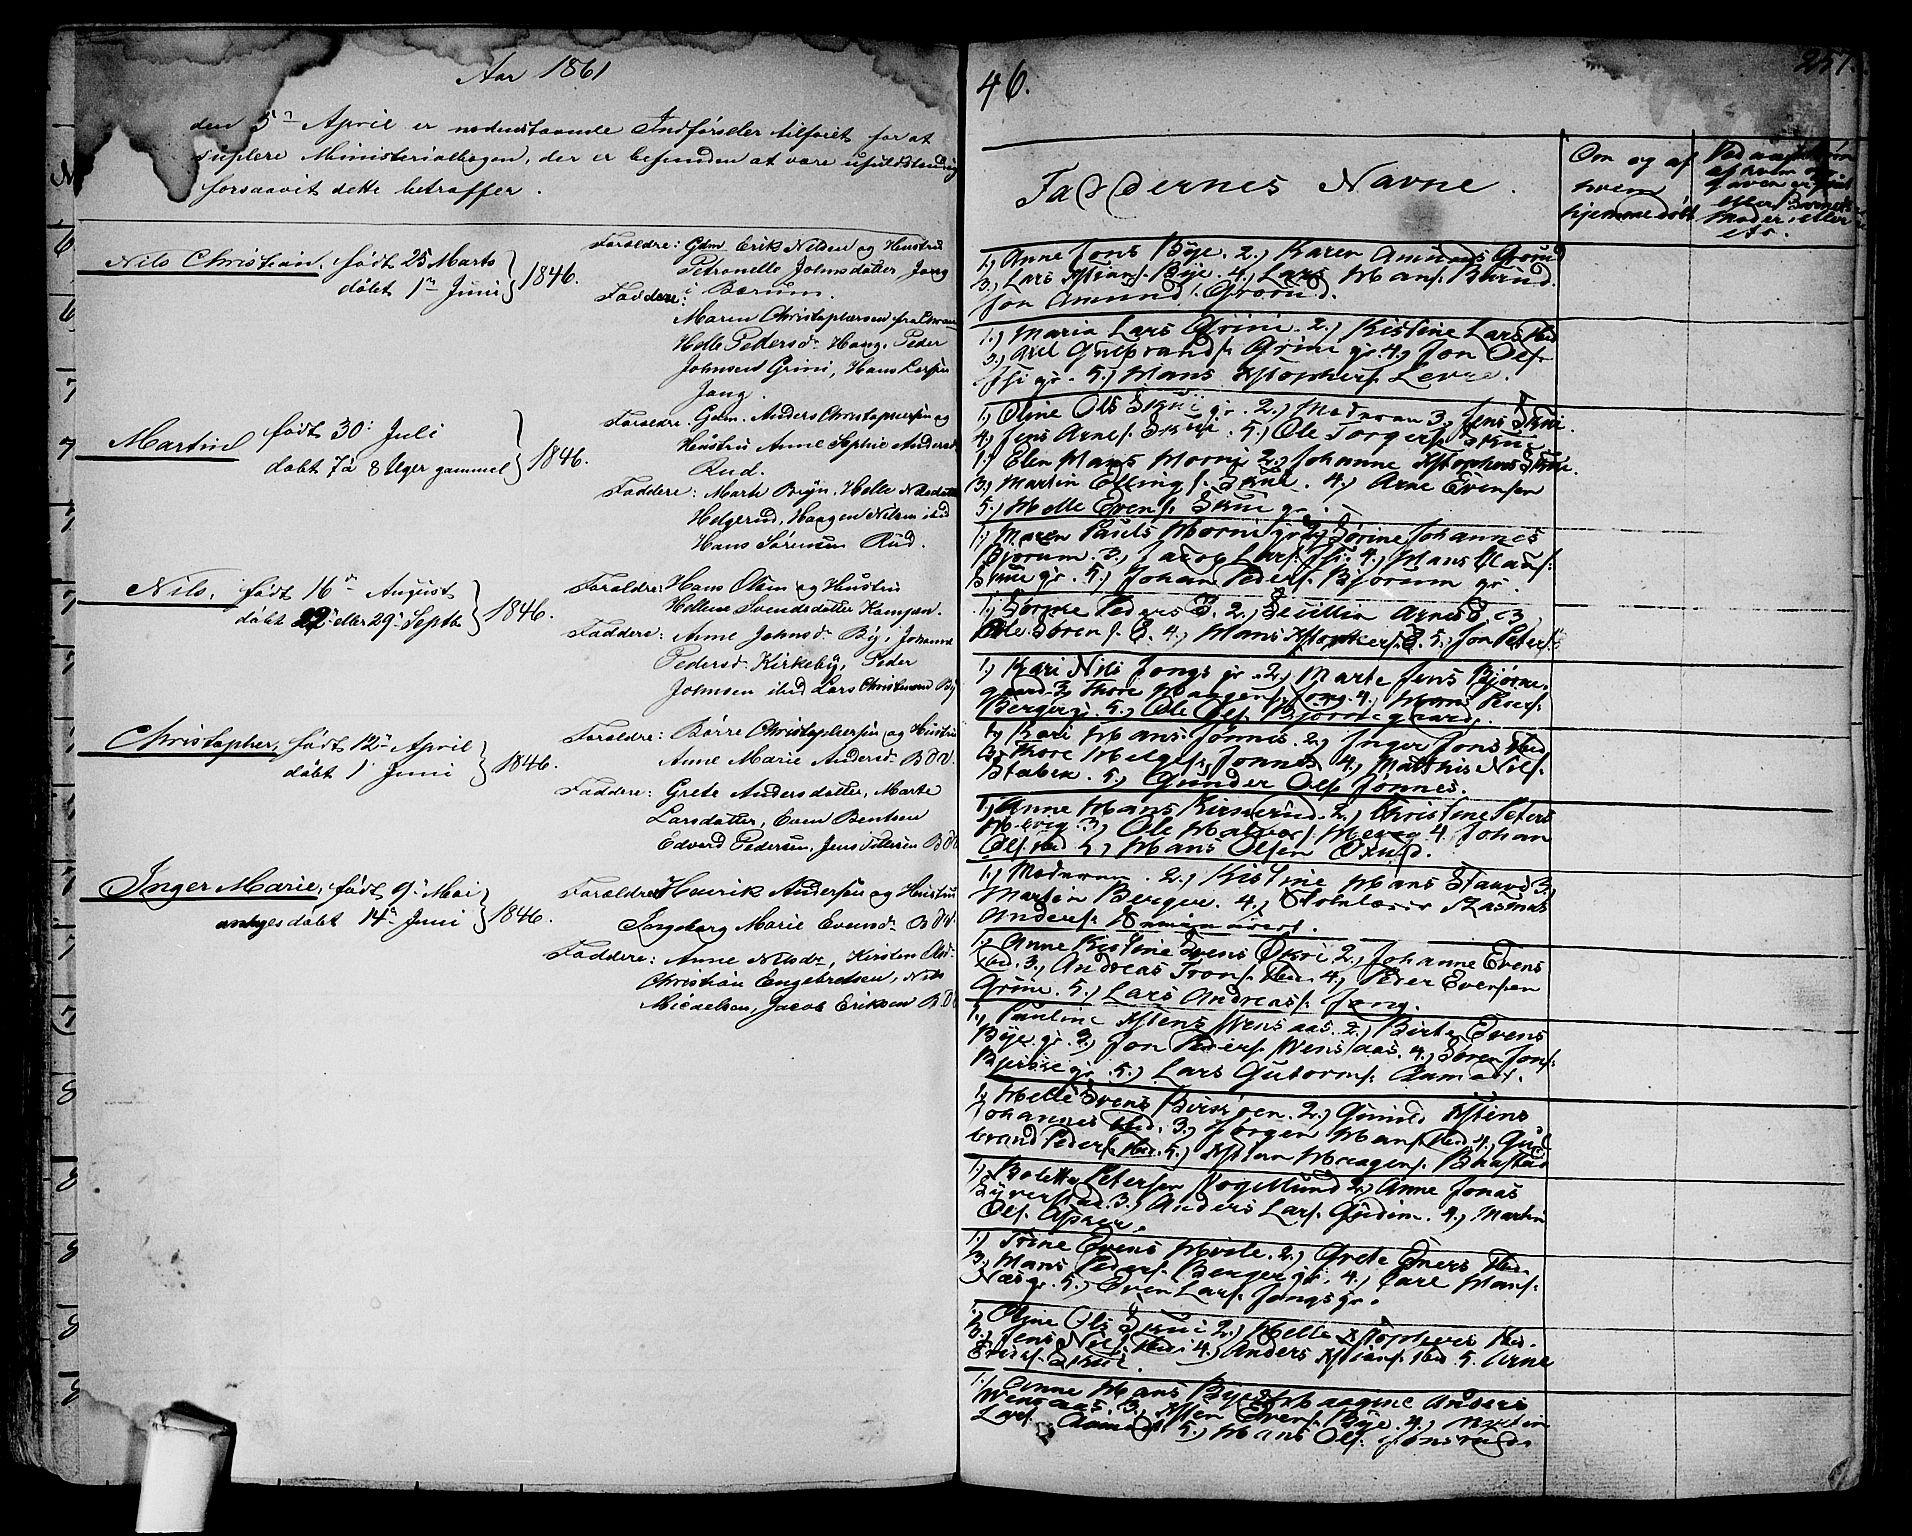 SAO, Asker prestekontor Kirkebøker, F/Fa/L0007: Ministerialbok nr. I 7, 1825-1864, s. 257